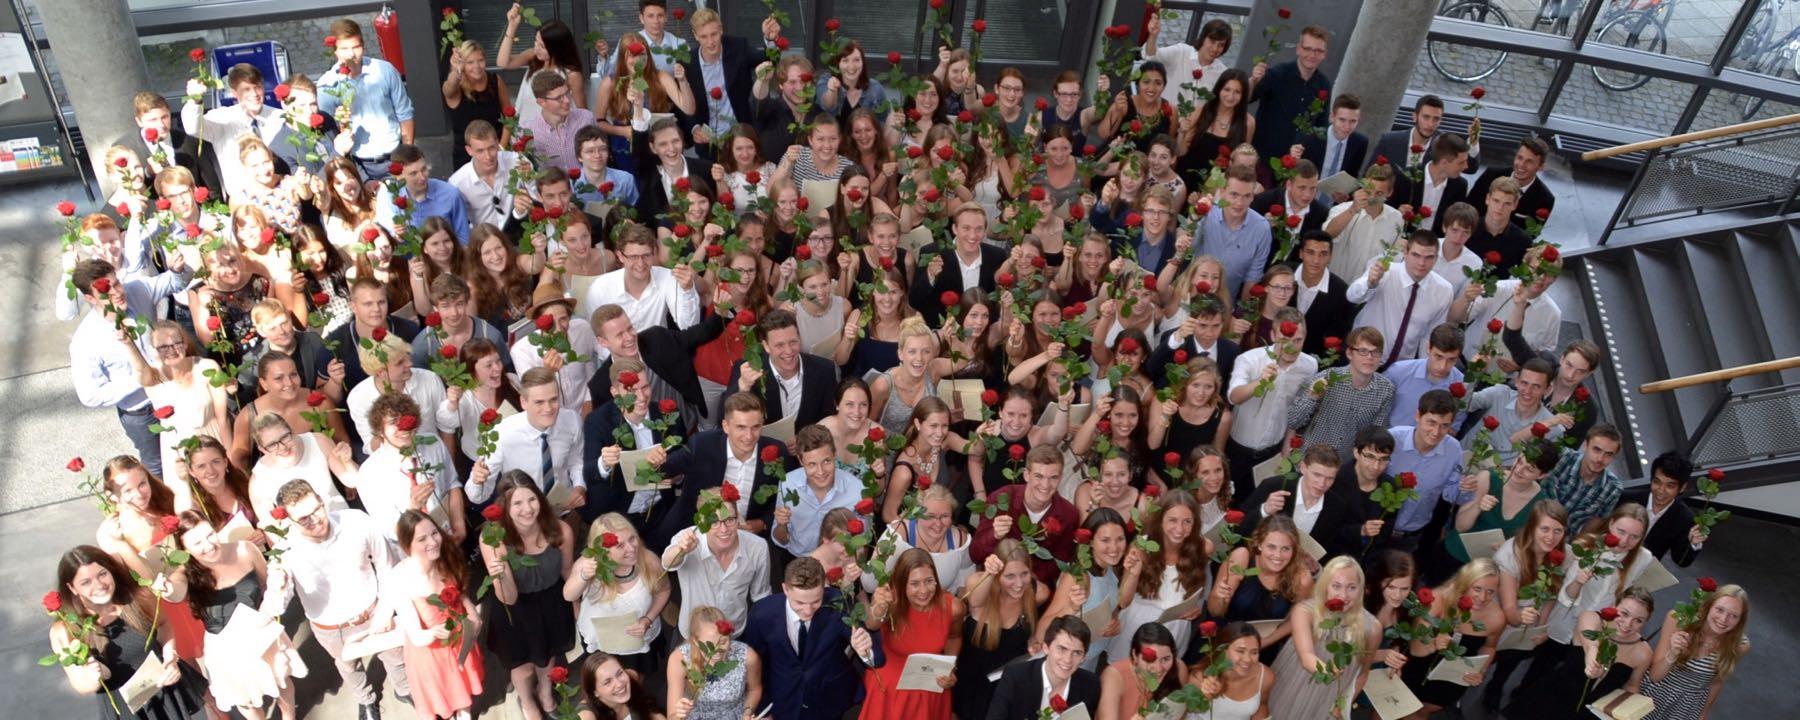 Abiturfeier 2015 Bricht Alle Rekorde